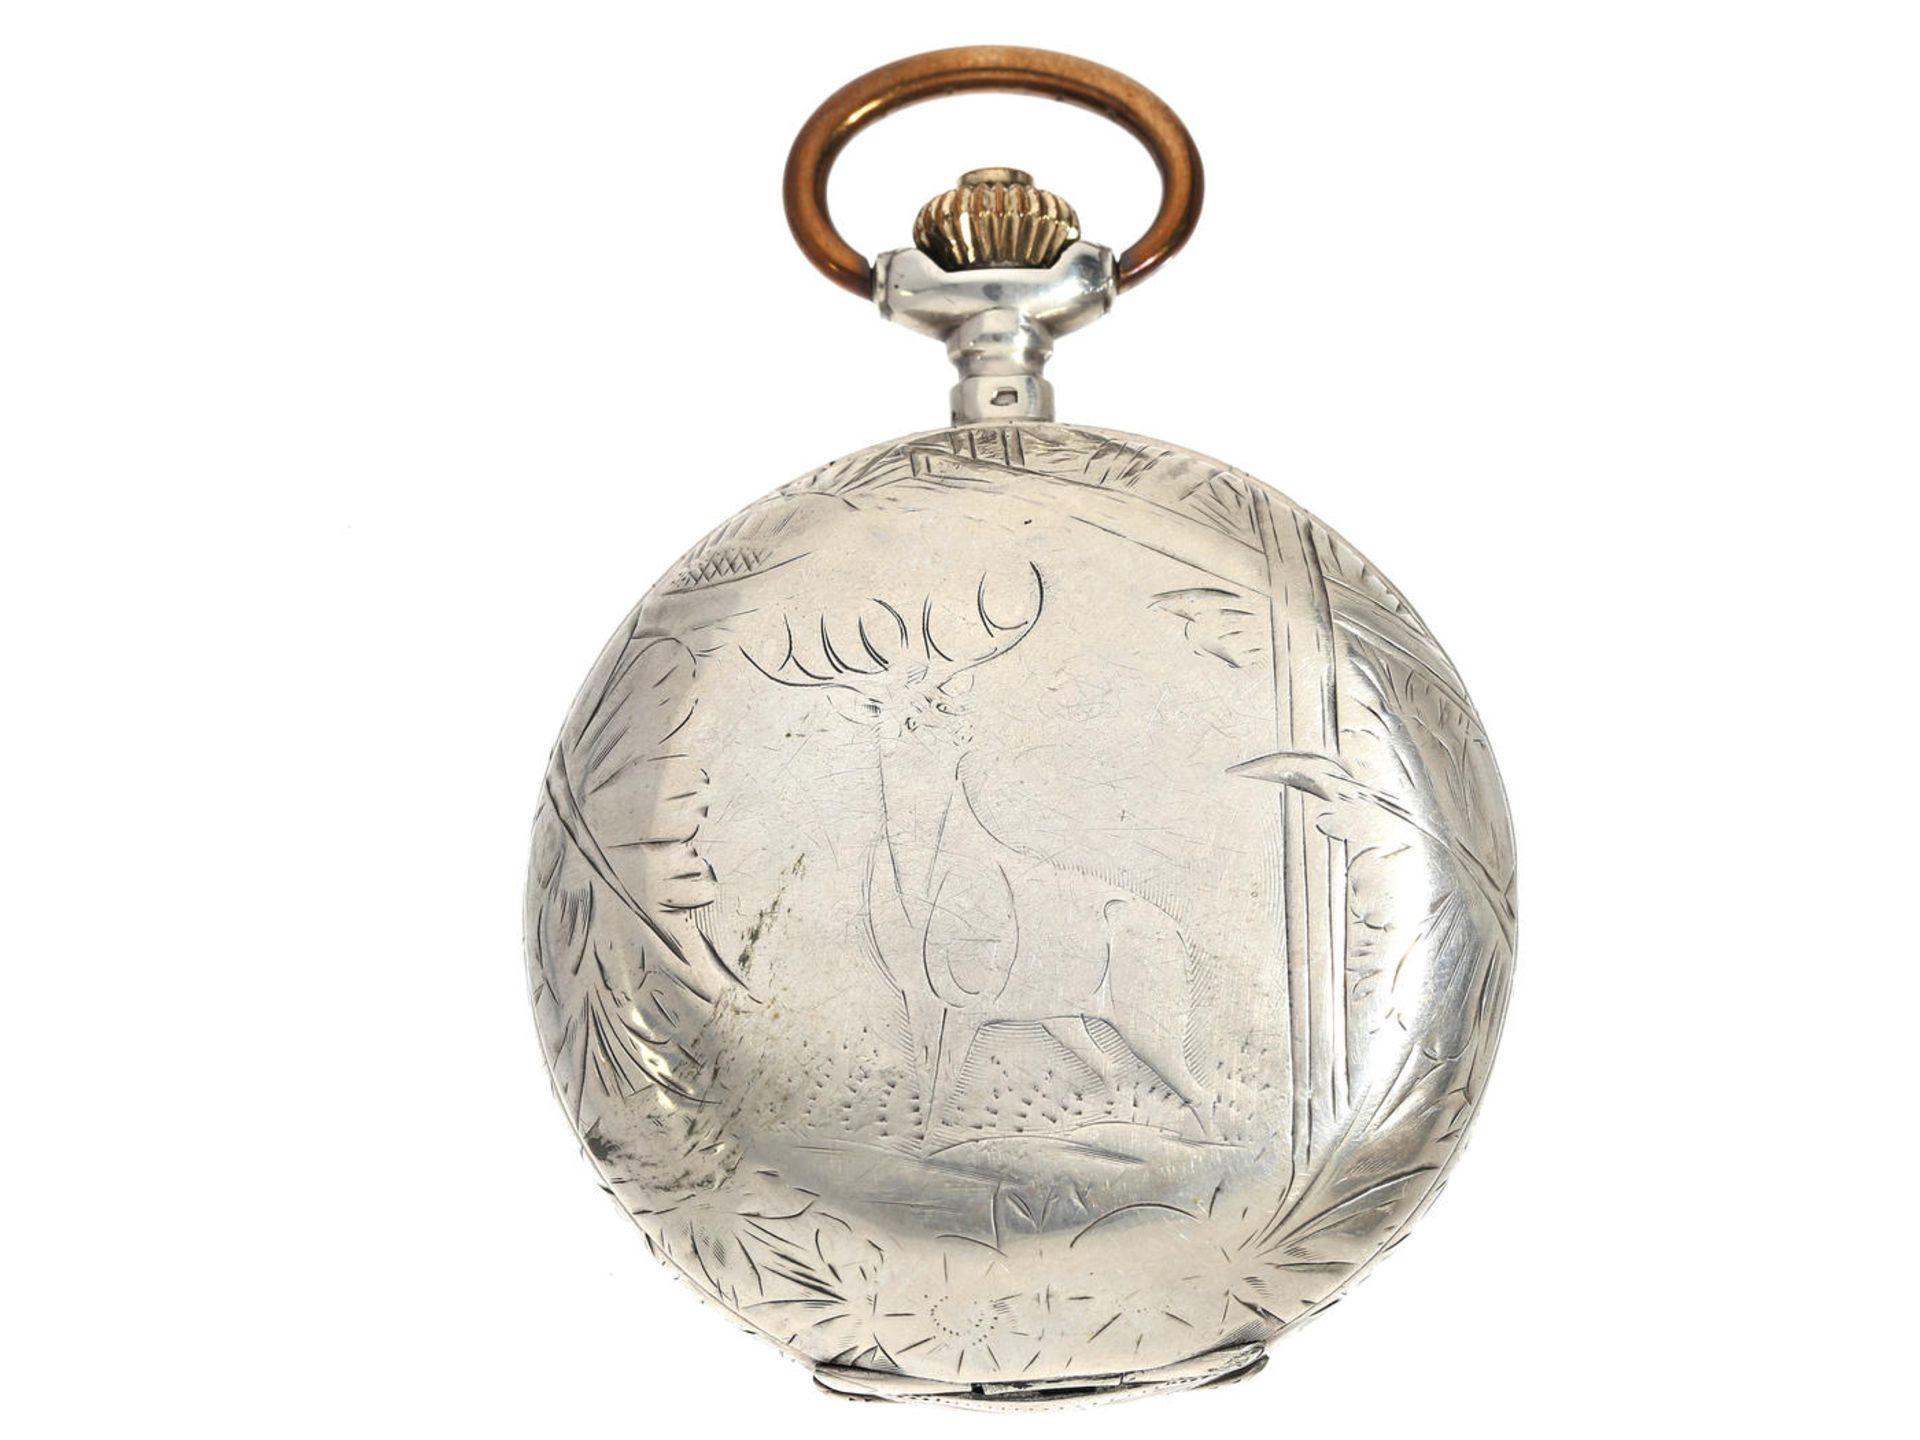 Taschenuhr: frühe Silbersavonnette mit graviertem Gehäuse und Präzisionswerk, Weber & Dubois La - Bild 2 aus 3